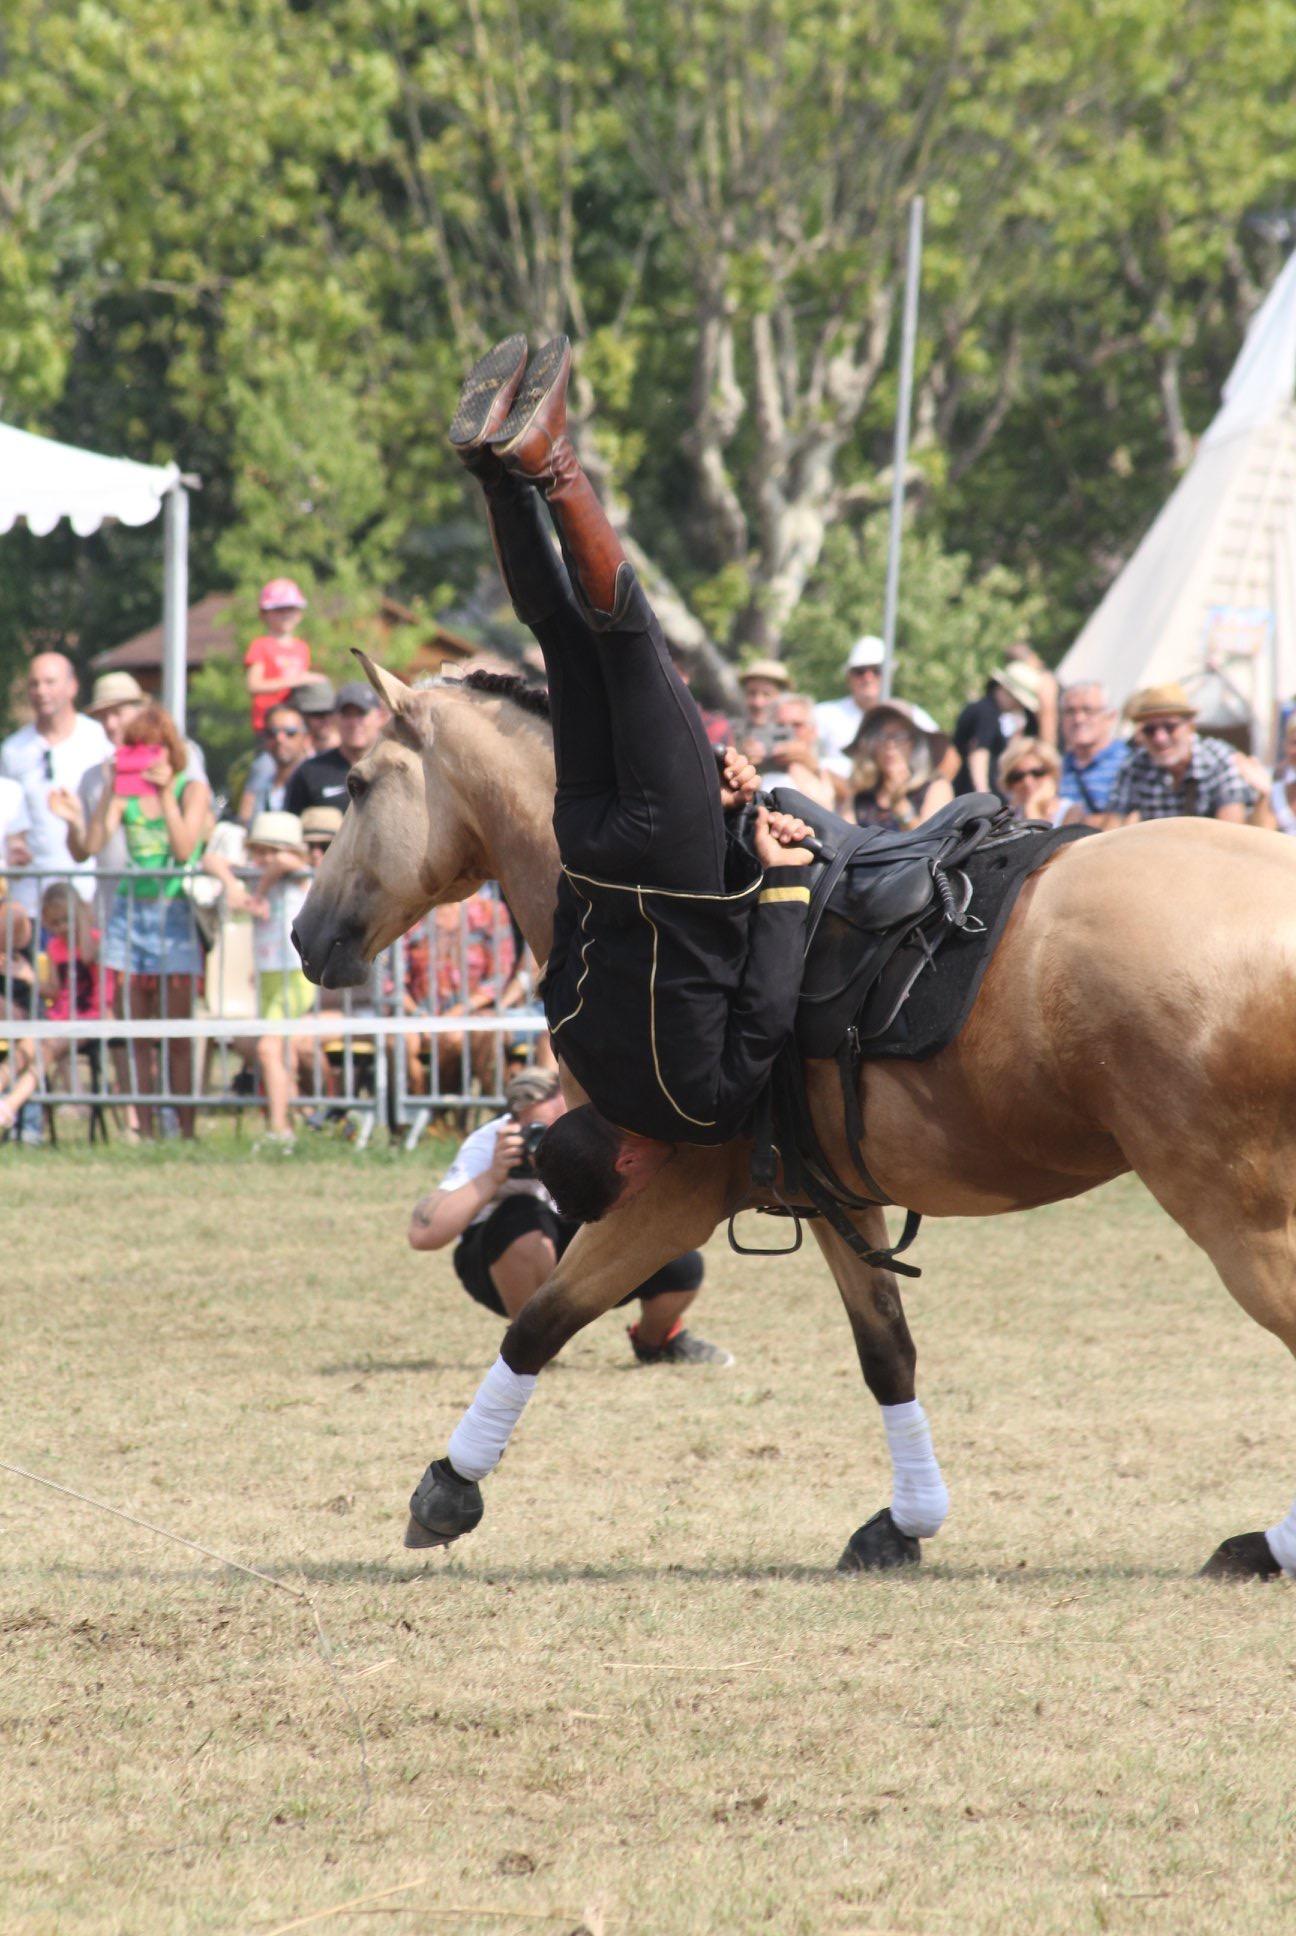 aucop-evenement-fete du cheval-levens-sonorisation-eclairage-location-materiel-audiovisuel-amsl equitation-carros-nice-marseille-paris-cote dazur